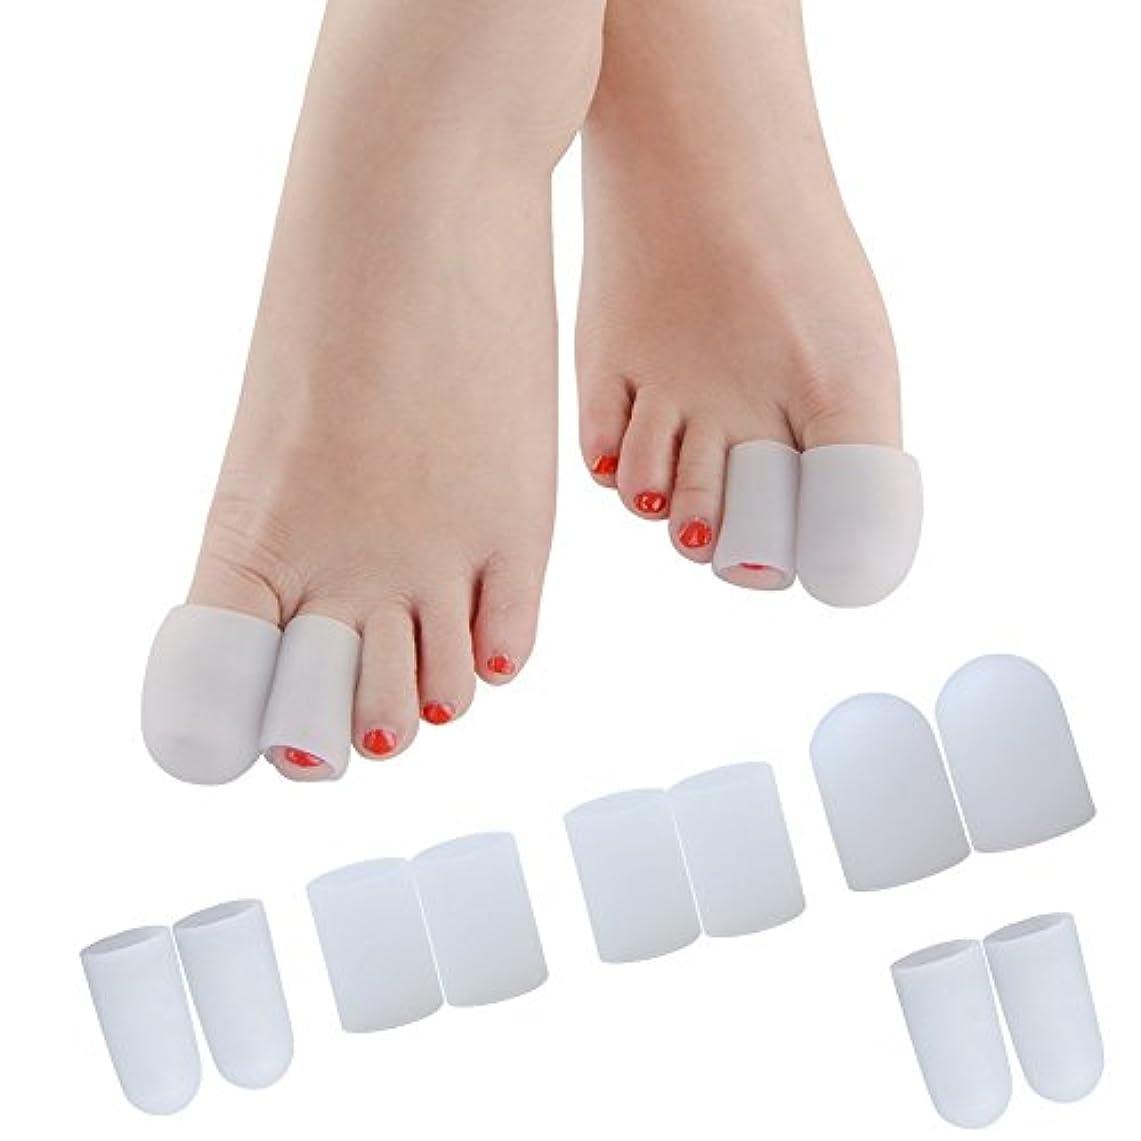 適応ぴったりスカープPovihome 足指 足爪 保護キャップ 親指, 足先のつめ保護キャップ, つま先キャップ 白い 5ペア,足指保護キャップ